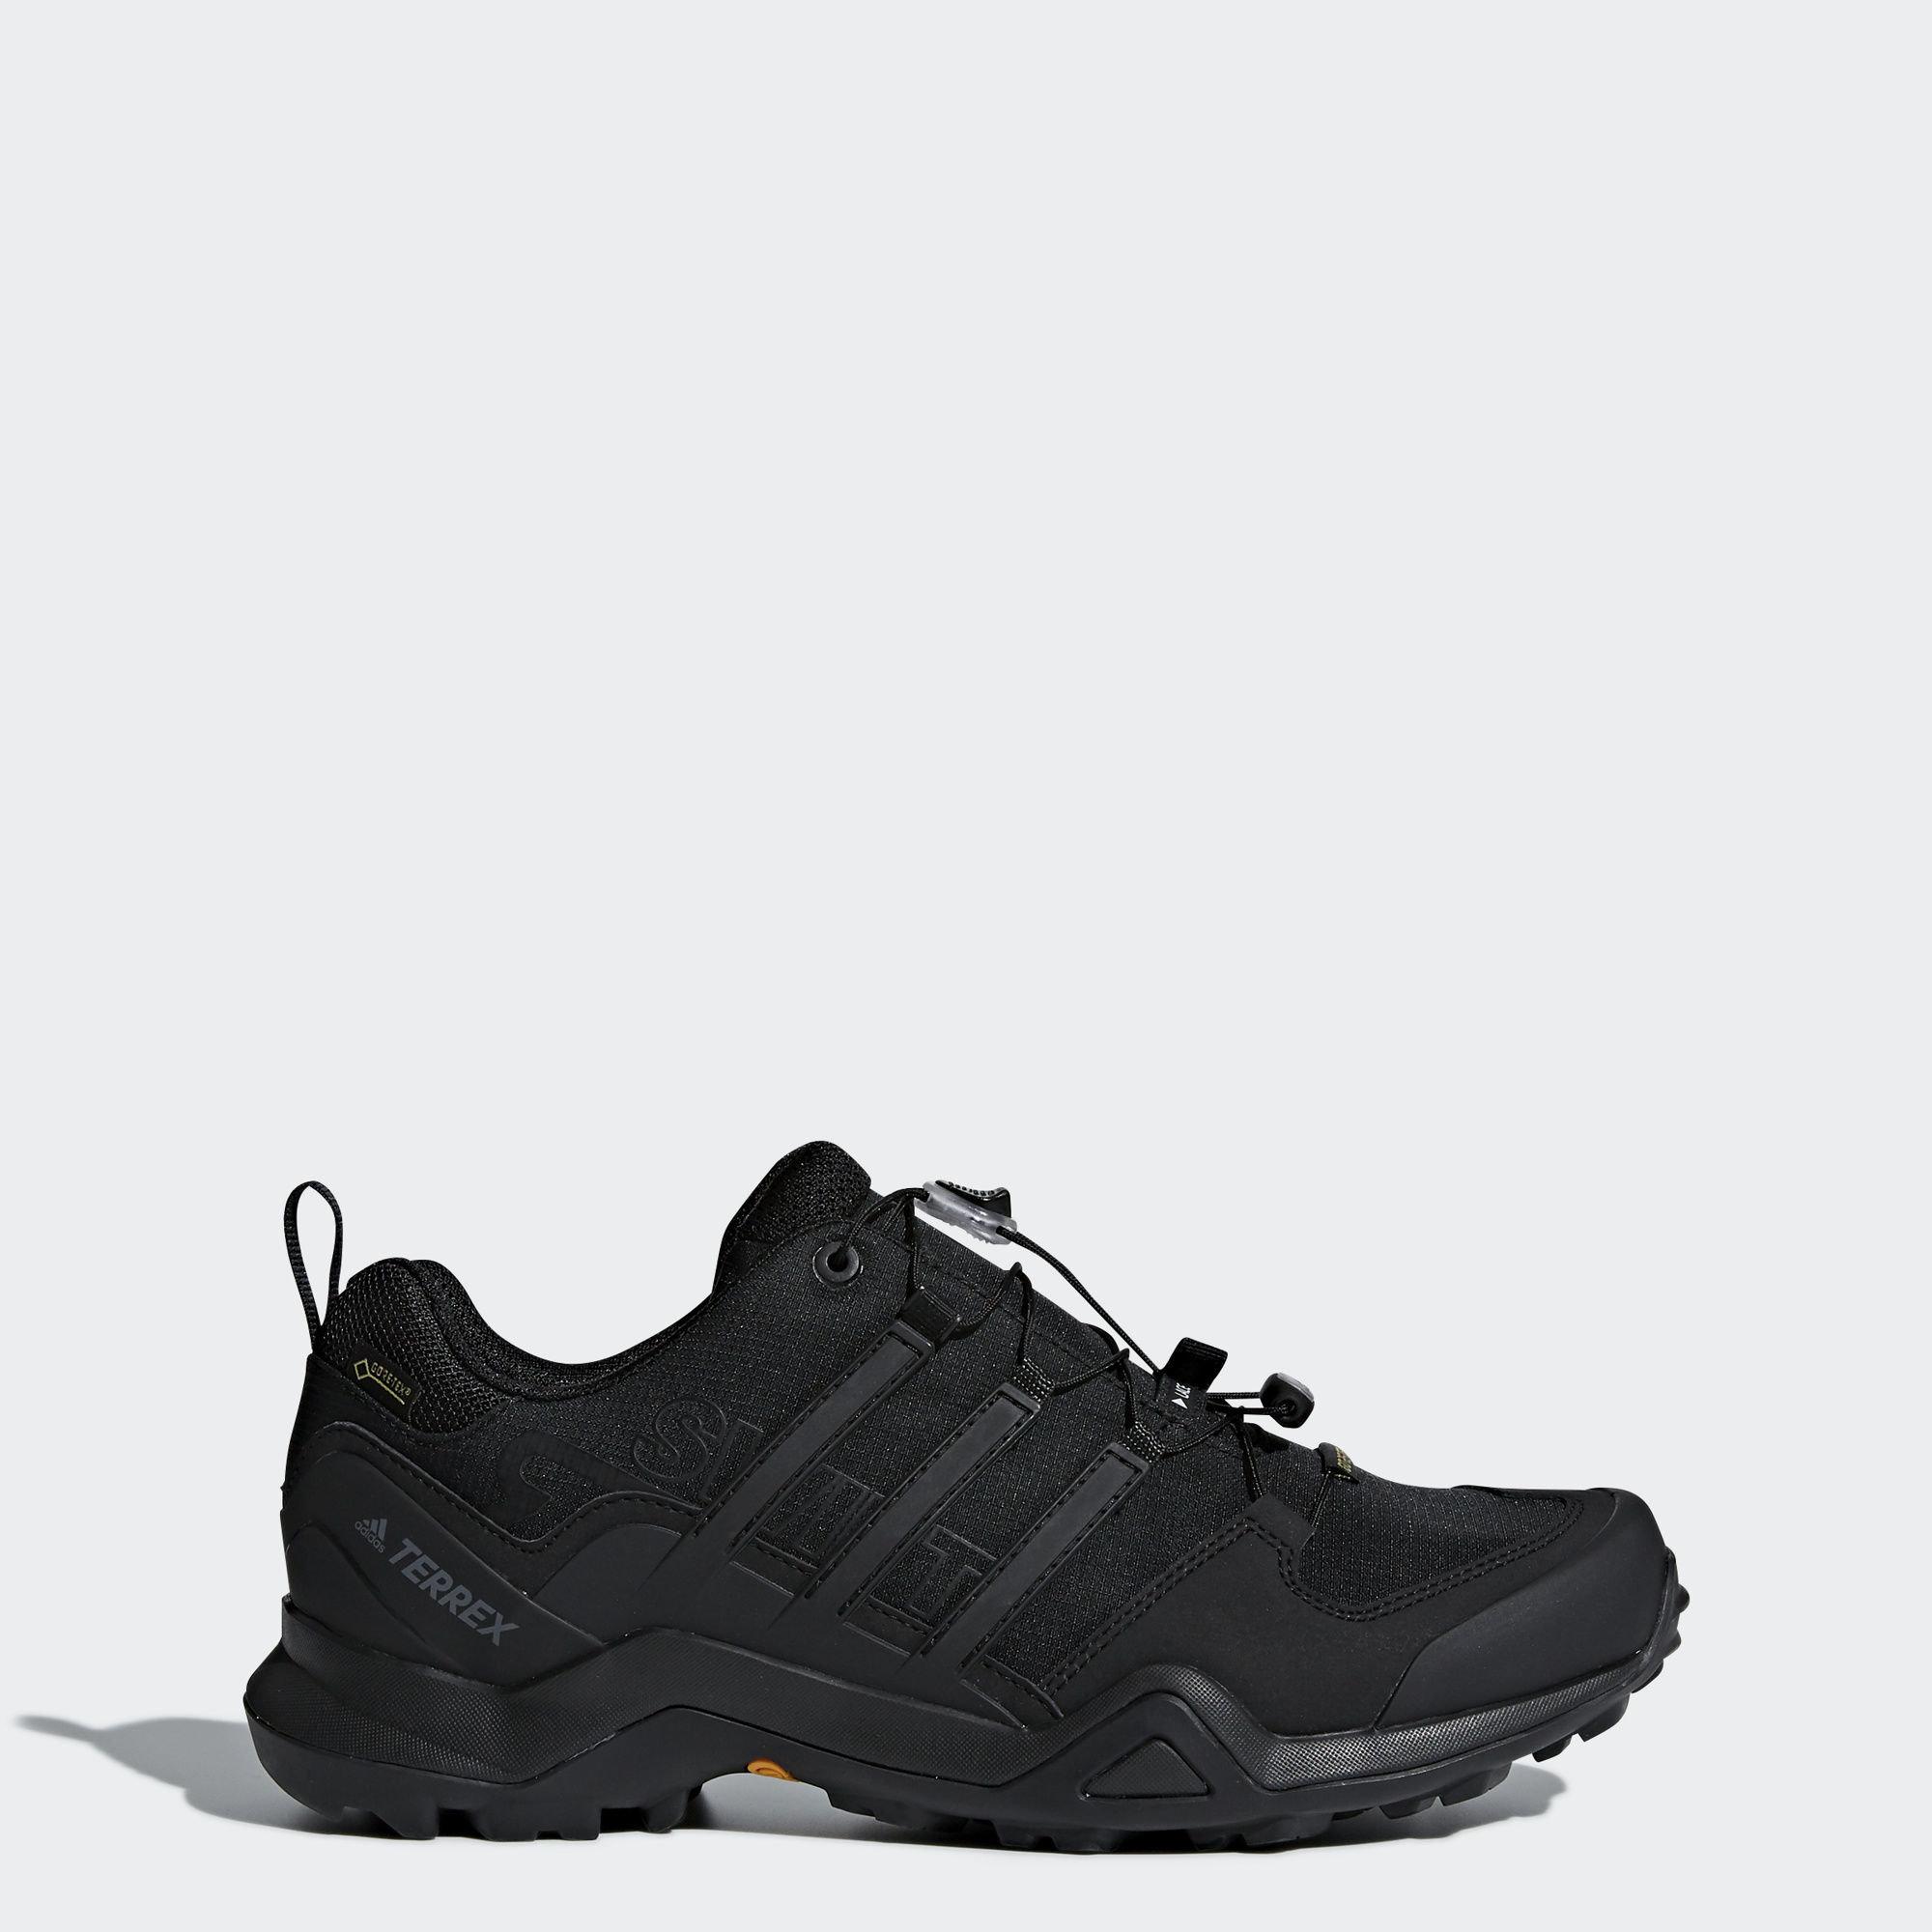 Обувь для активного отдыха Terrex Swift R2 GTX adidas TERREX Core Black/Core Black/Core Black